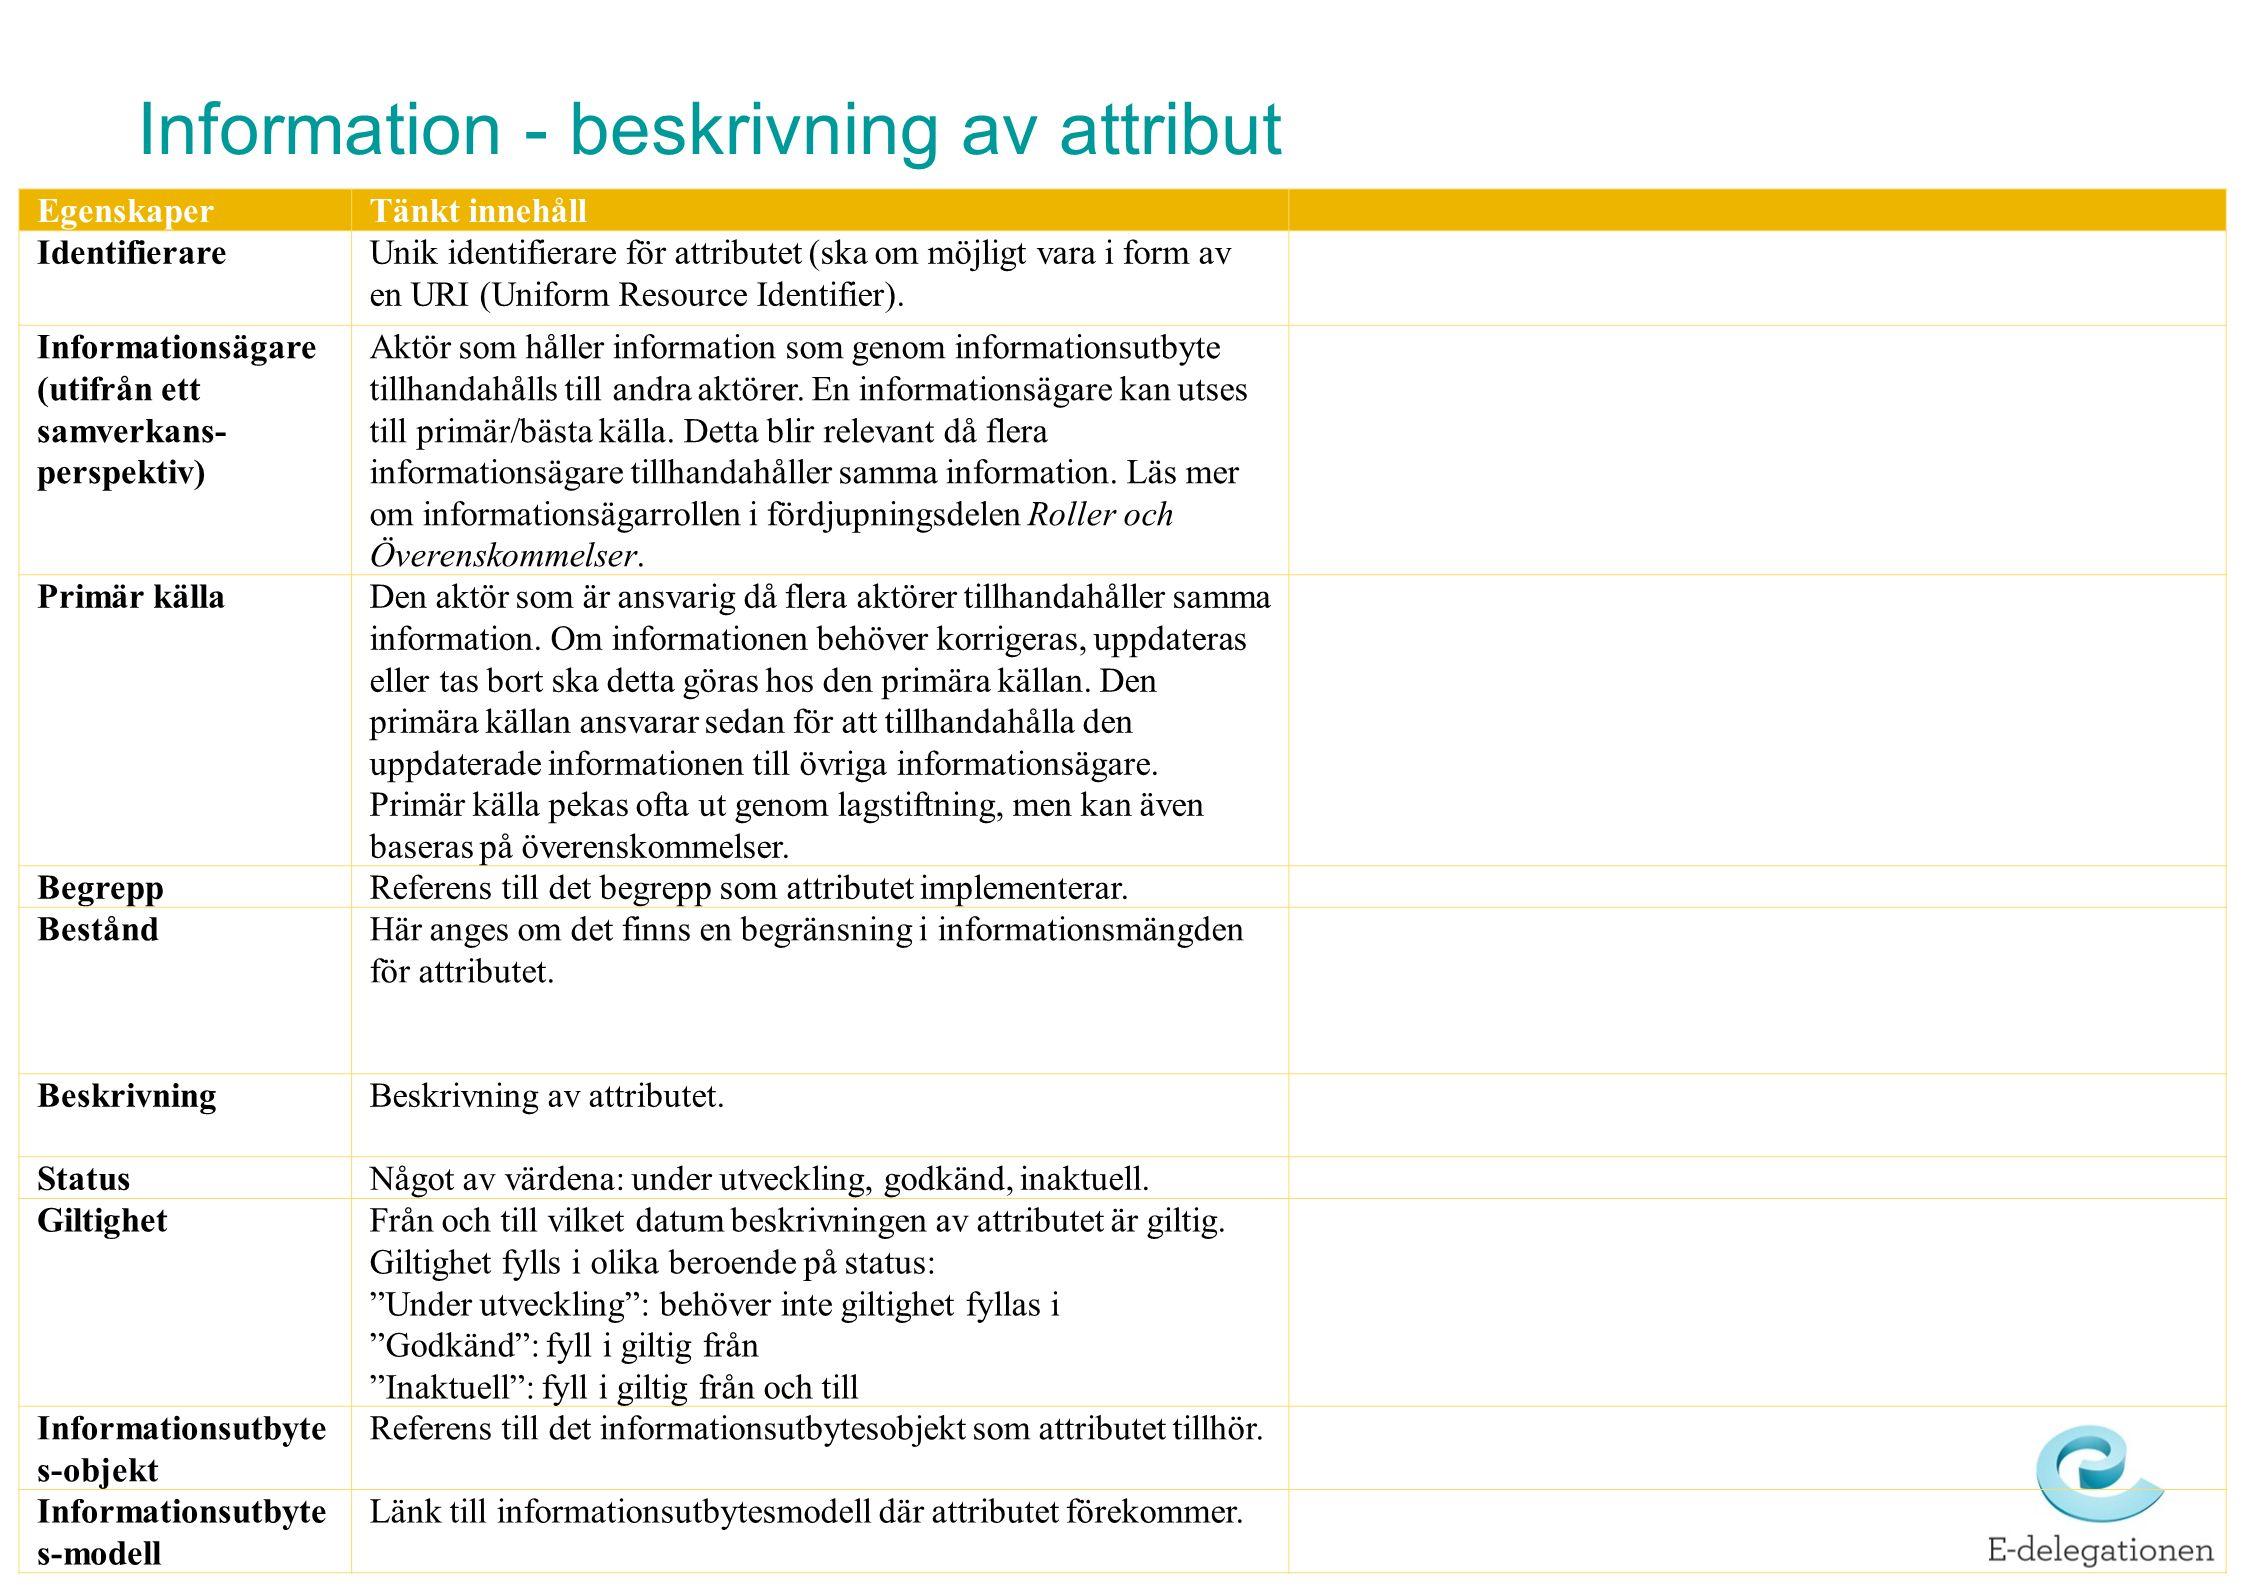 Information - beskrivning av attribut EgenskaperTänkt innehåll IdentifierareUnik identifierare för attributet (ska om möjligt vara i form av en URI (Uniform Resource Identifier).